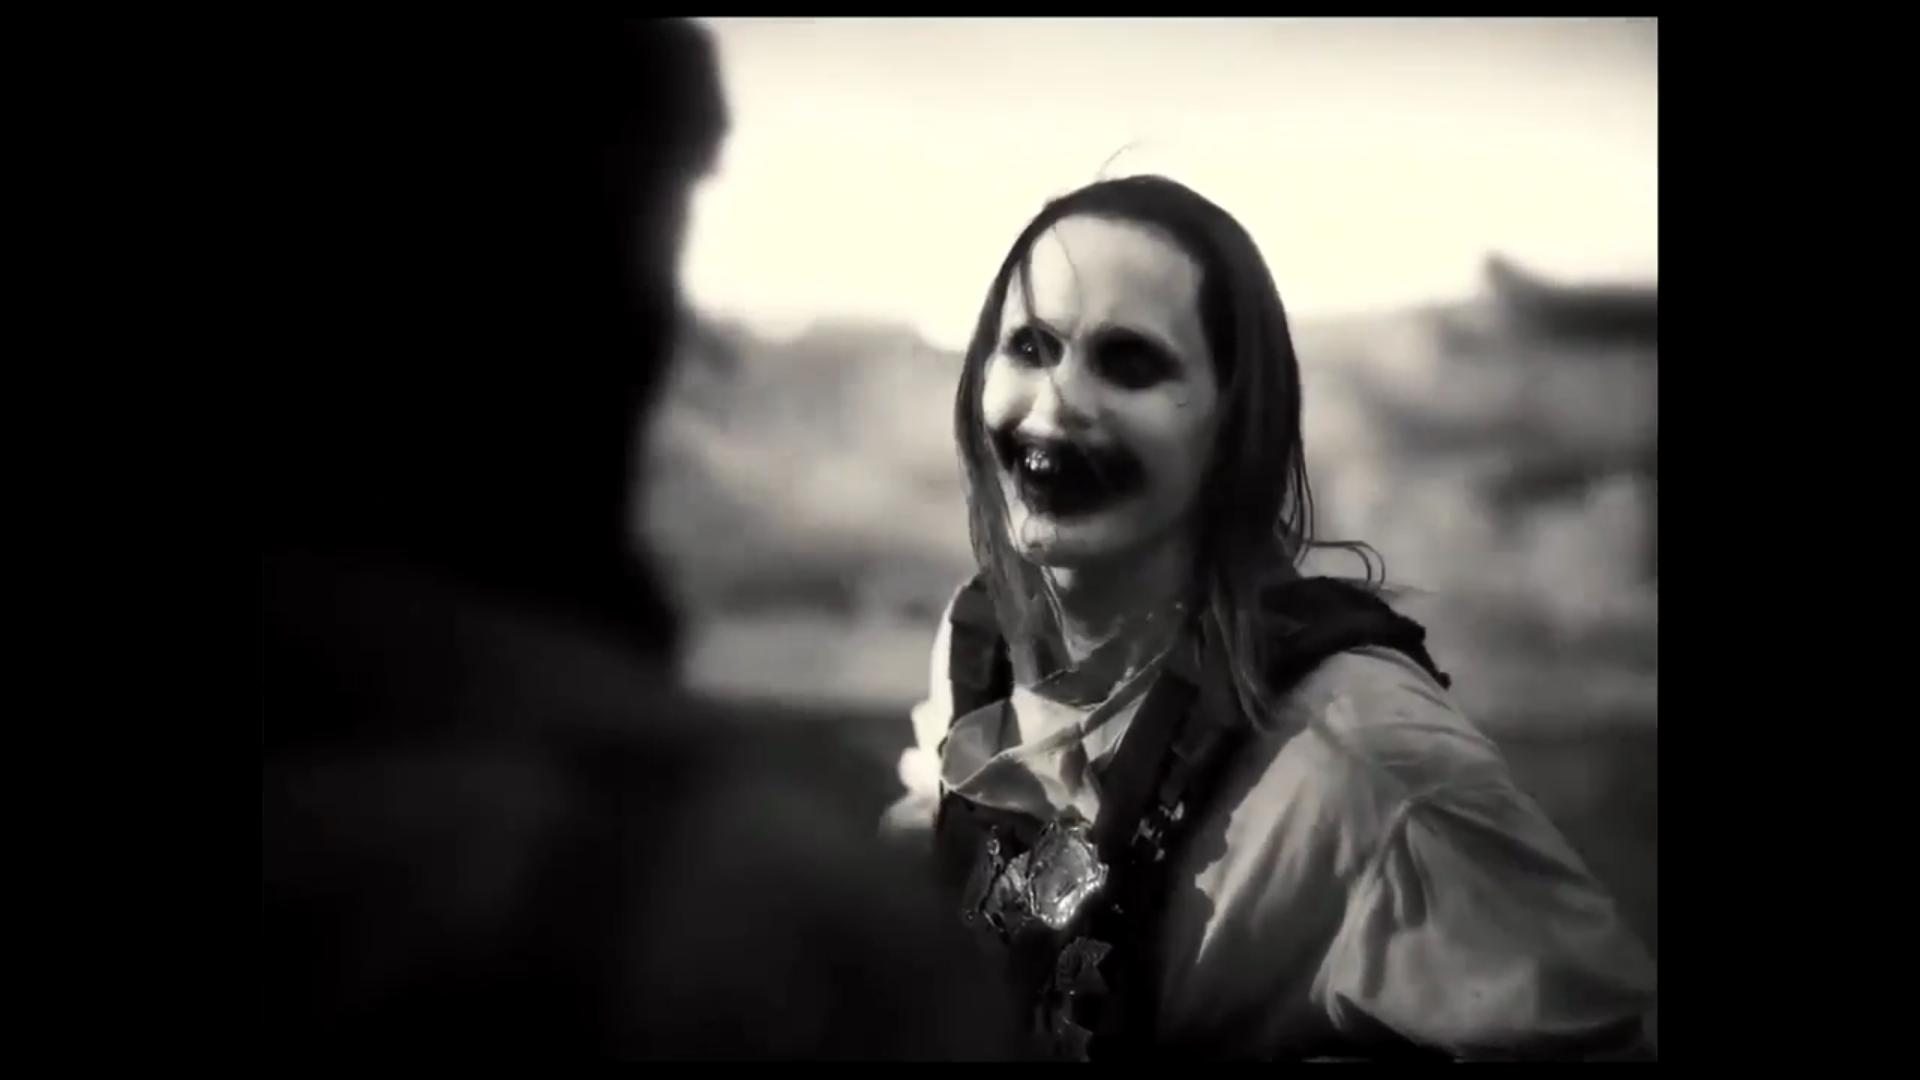 Зак Снайдер показал расширенную сцену с Джокером из режиссёрской версии